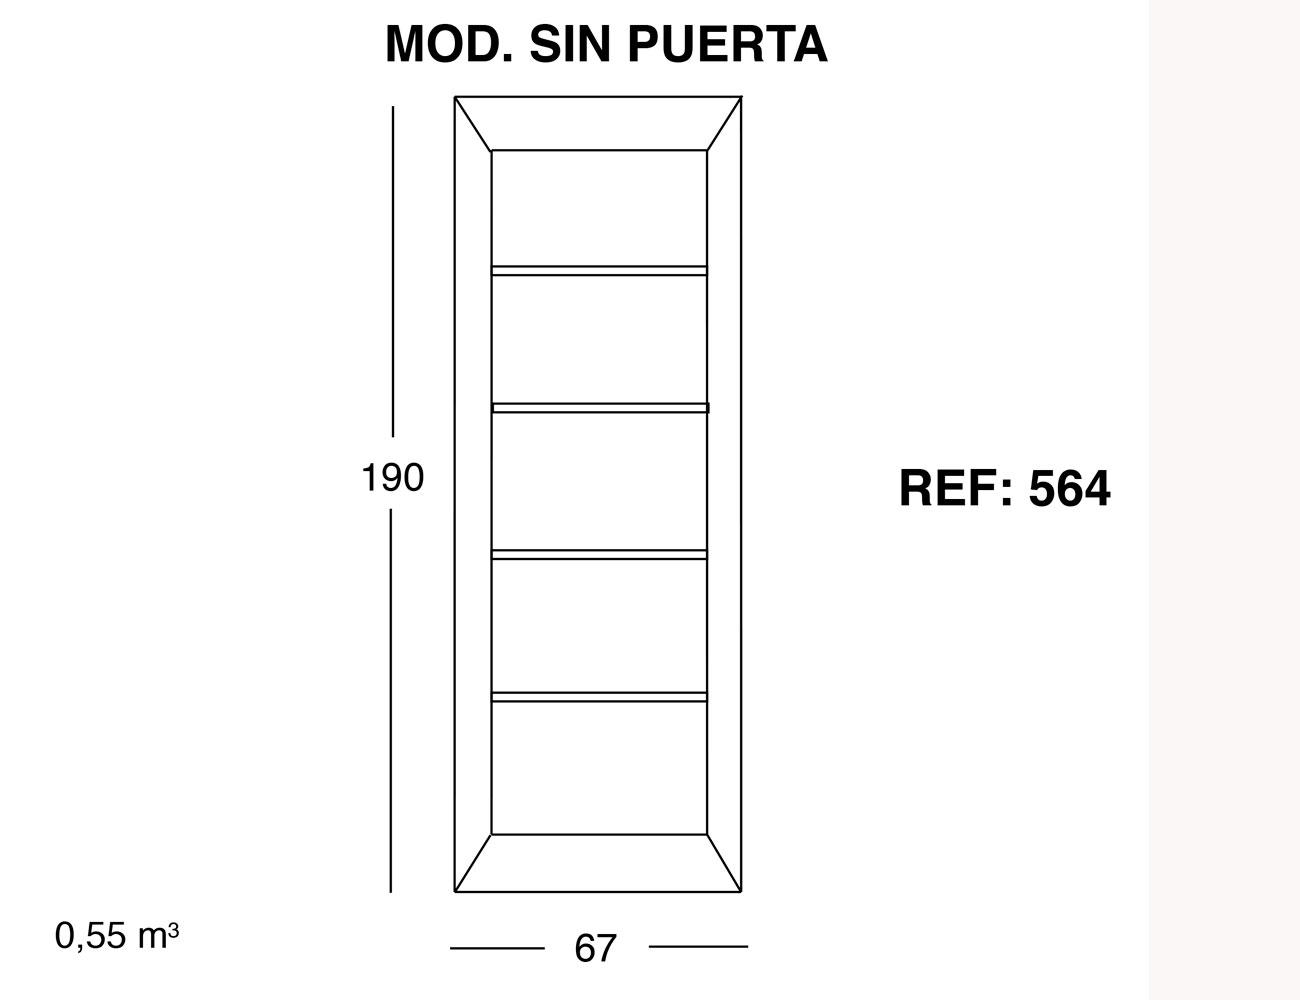 Modulo sin puerta 190 67